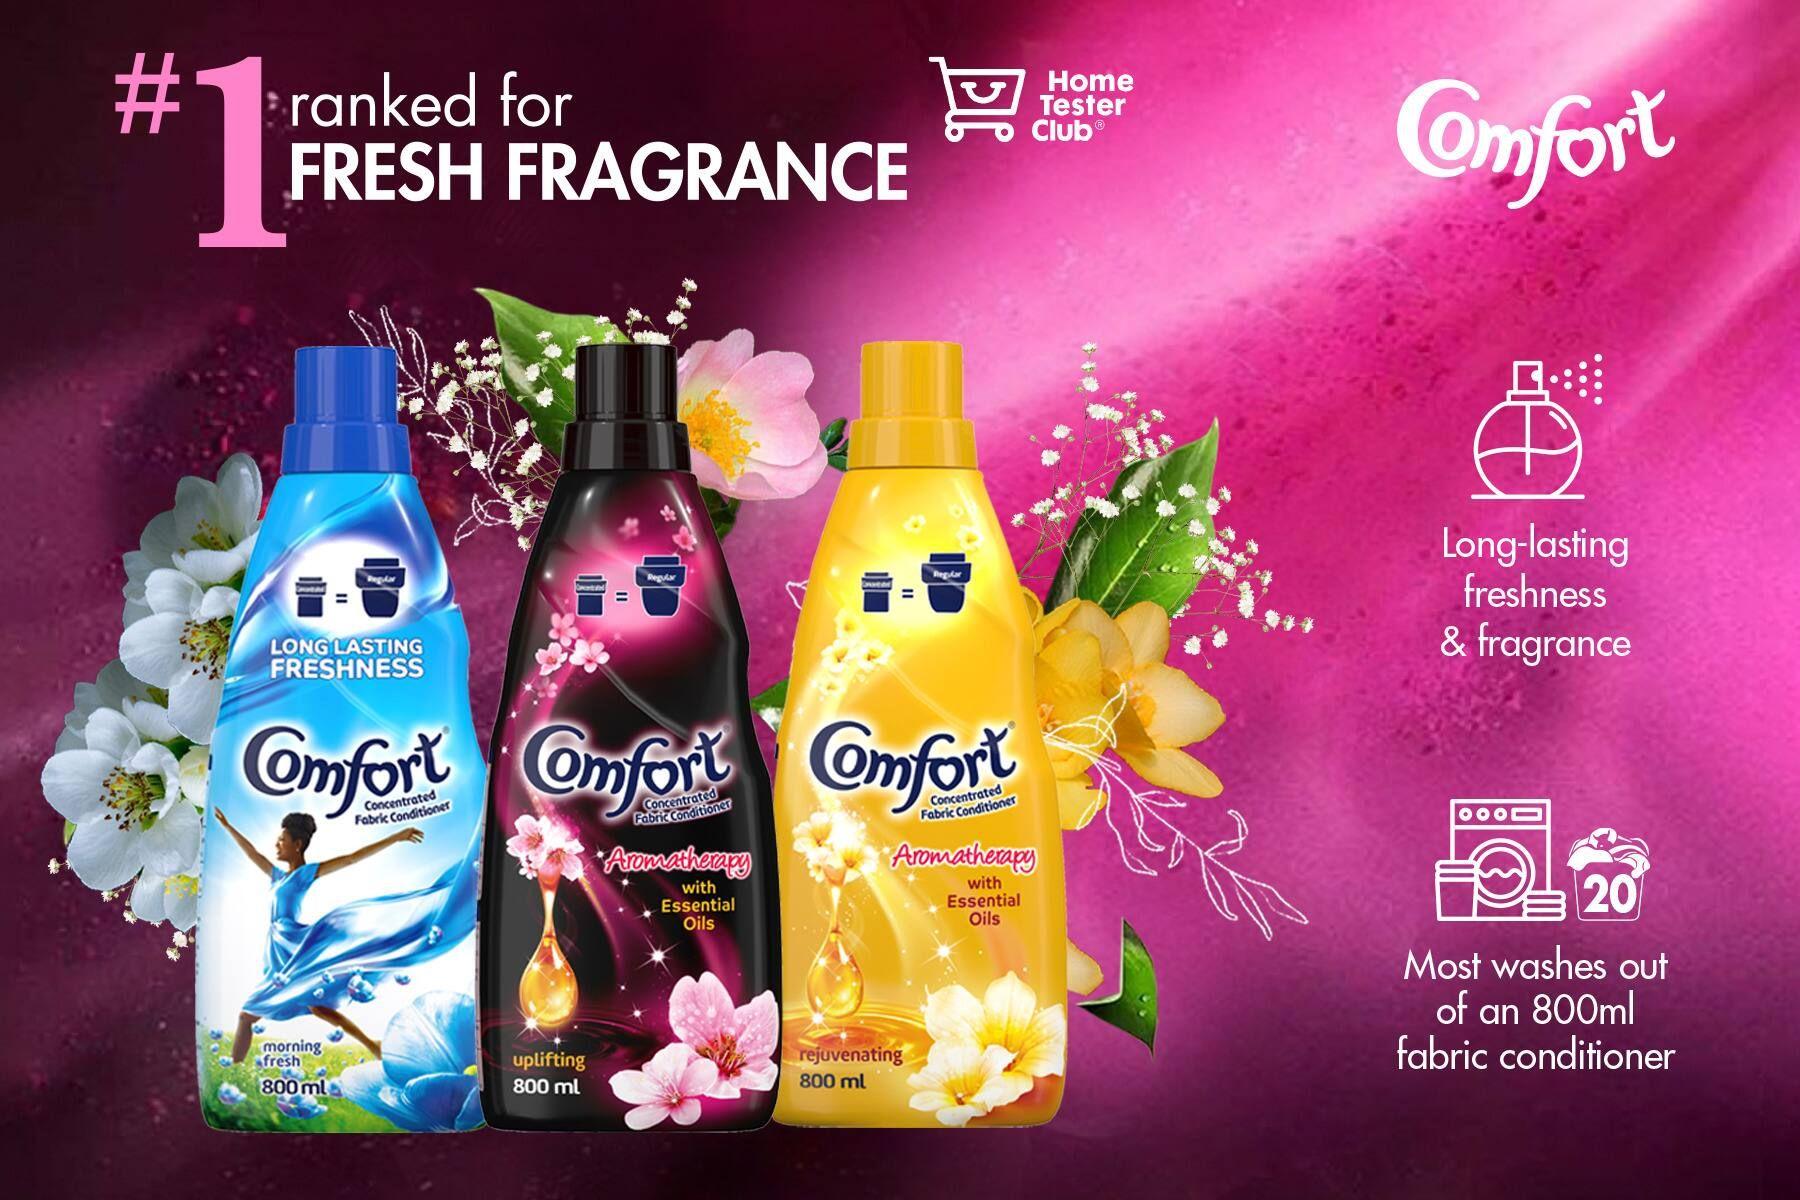 #1 Ranked for Fresh Frangrance heavenly Nectar Bottle